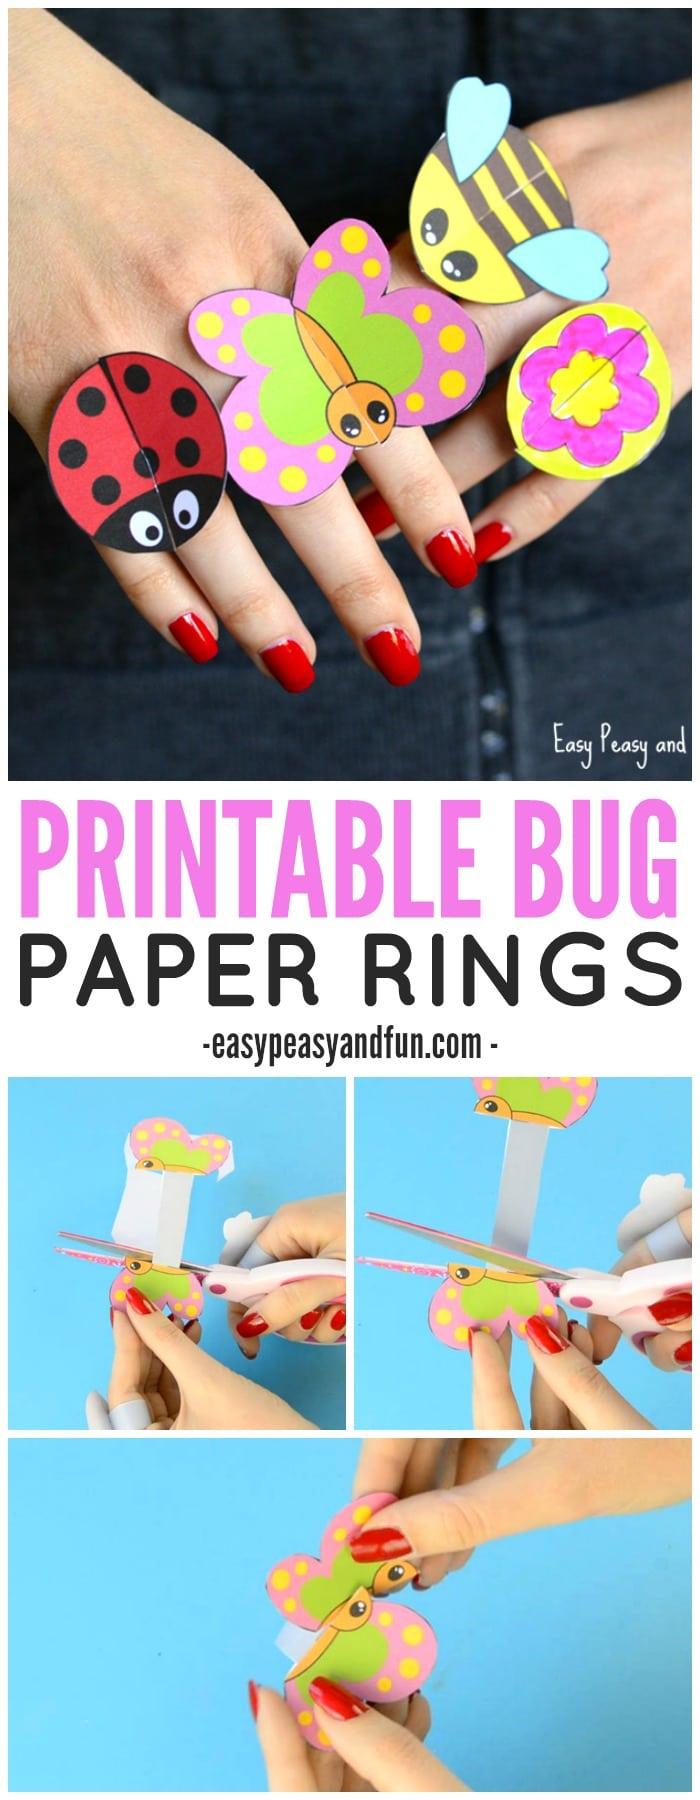 Printable Bug Paper Rings for Kids to Make